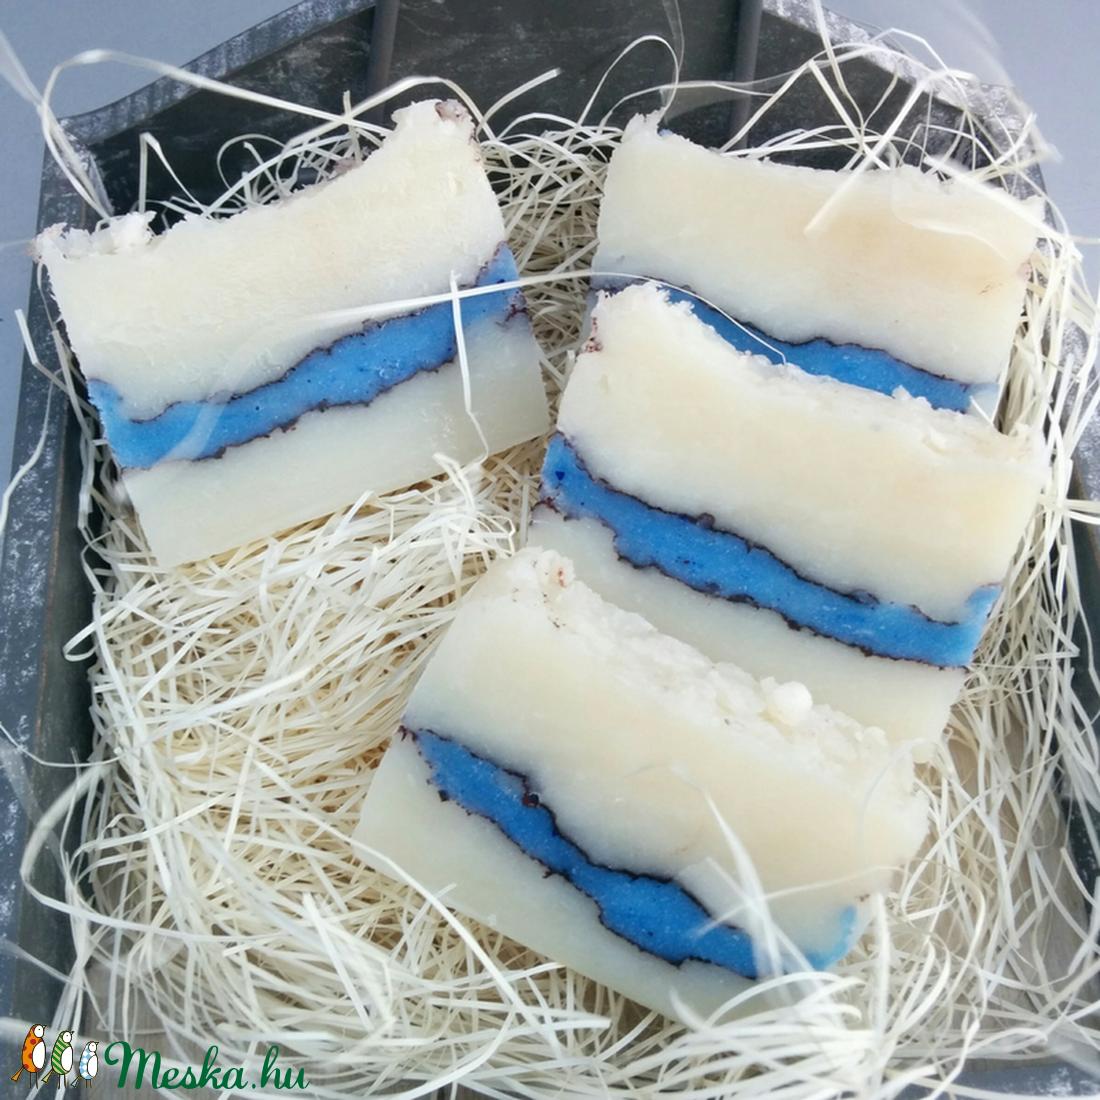 Kézműves szappan csomag - 4 darab tömb szappan (bubbanatur) - Meska.hu